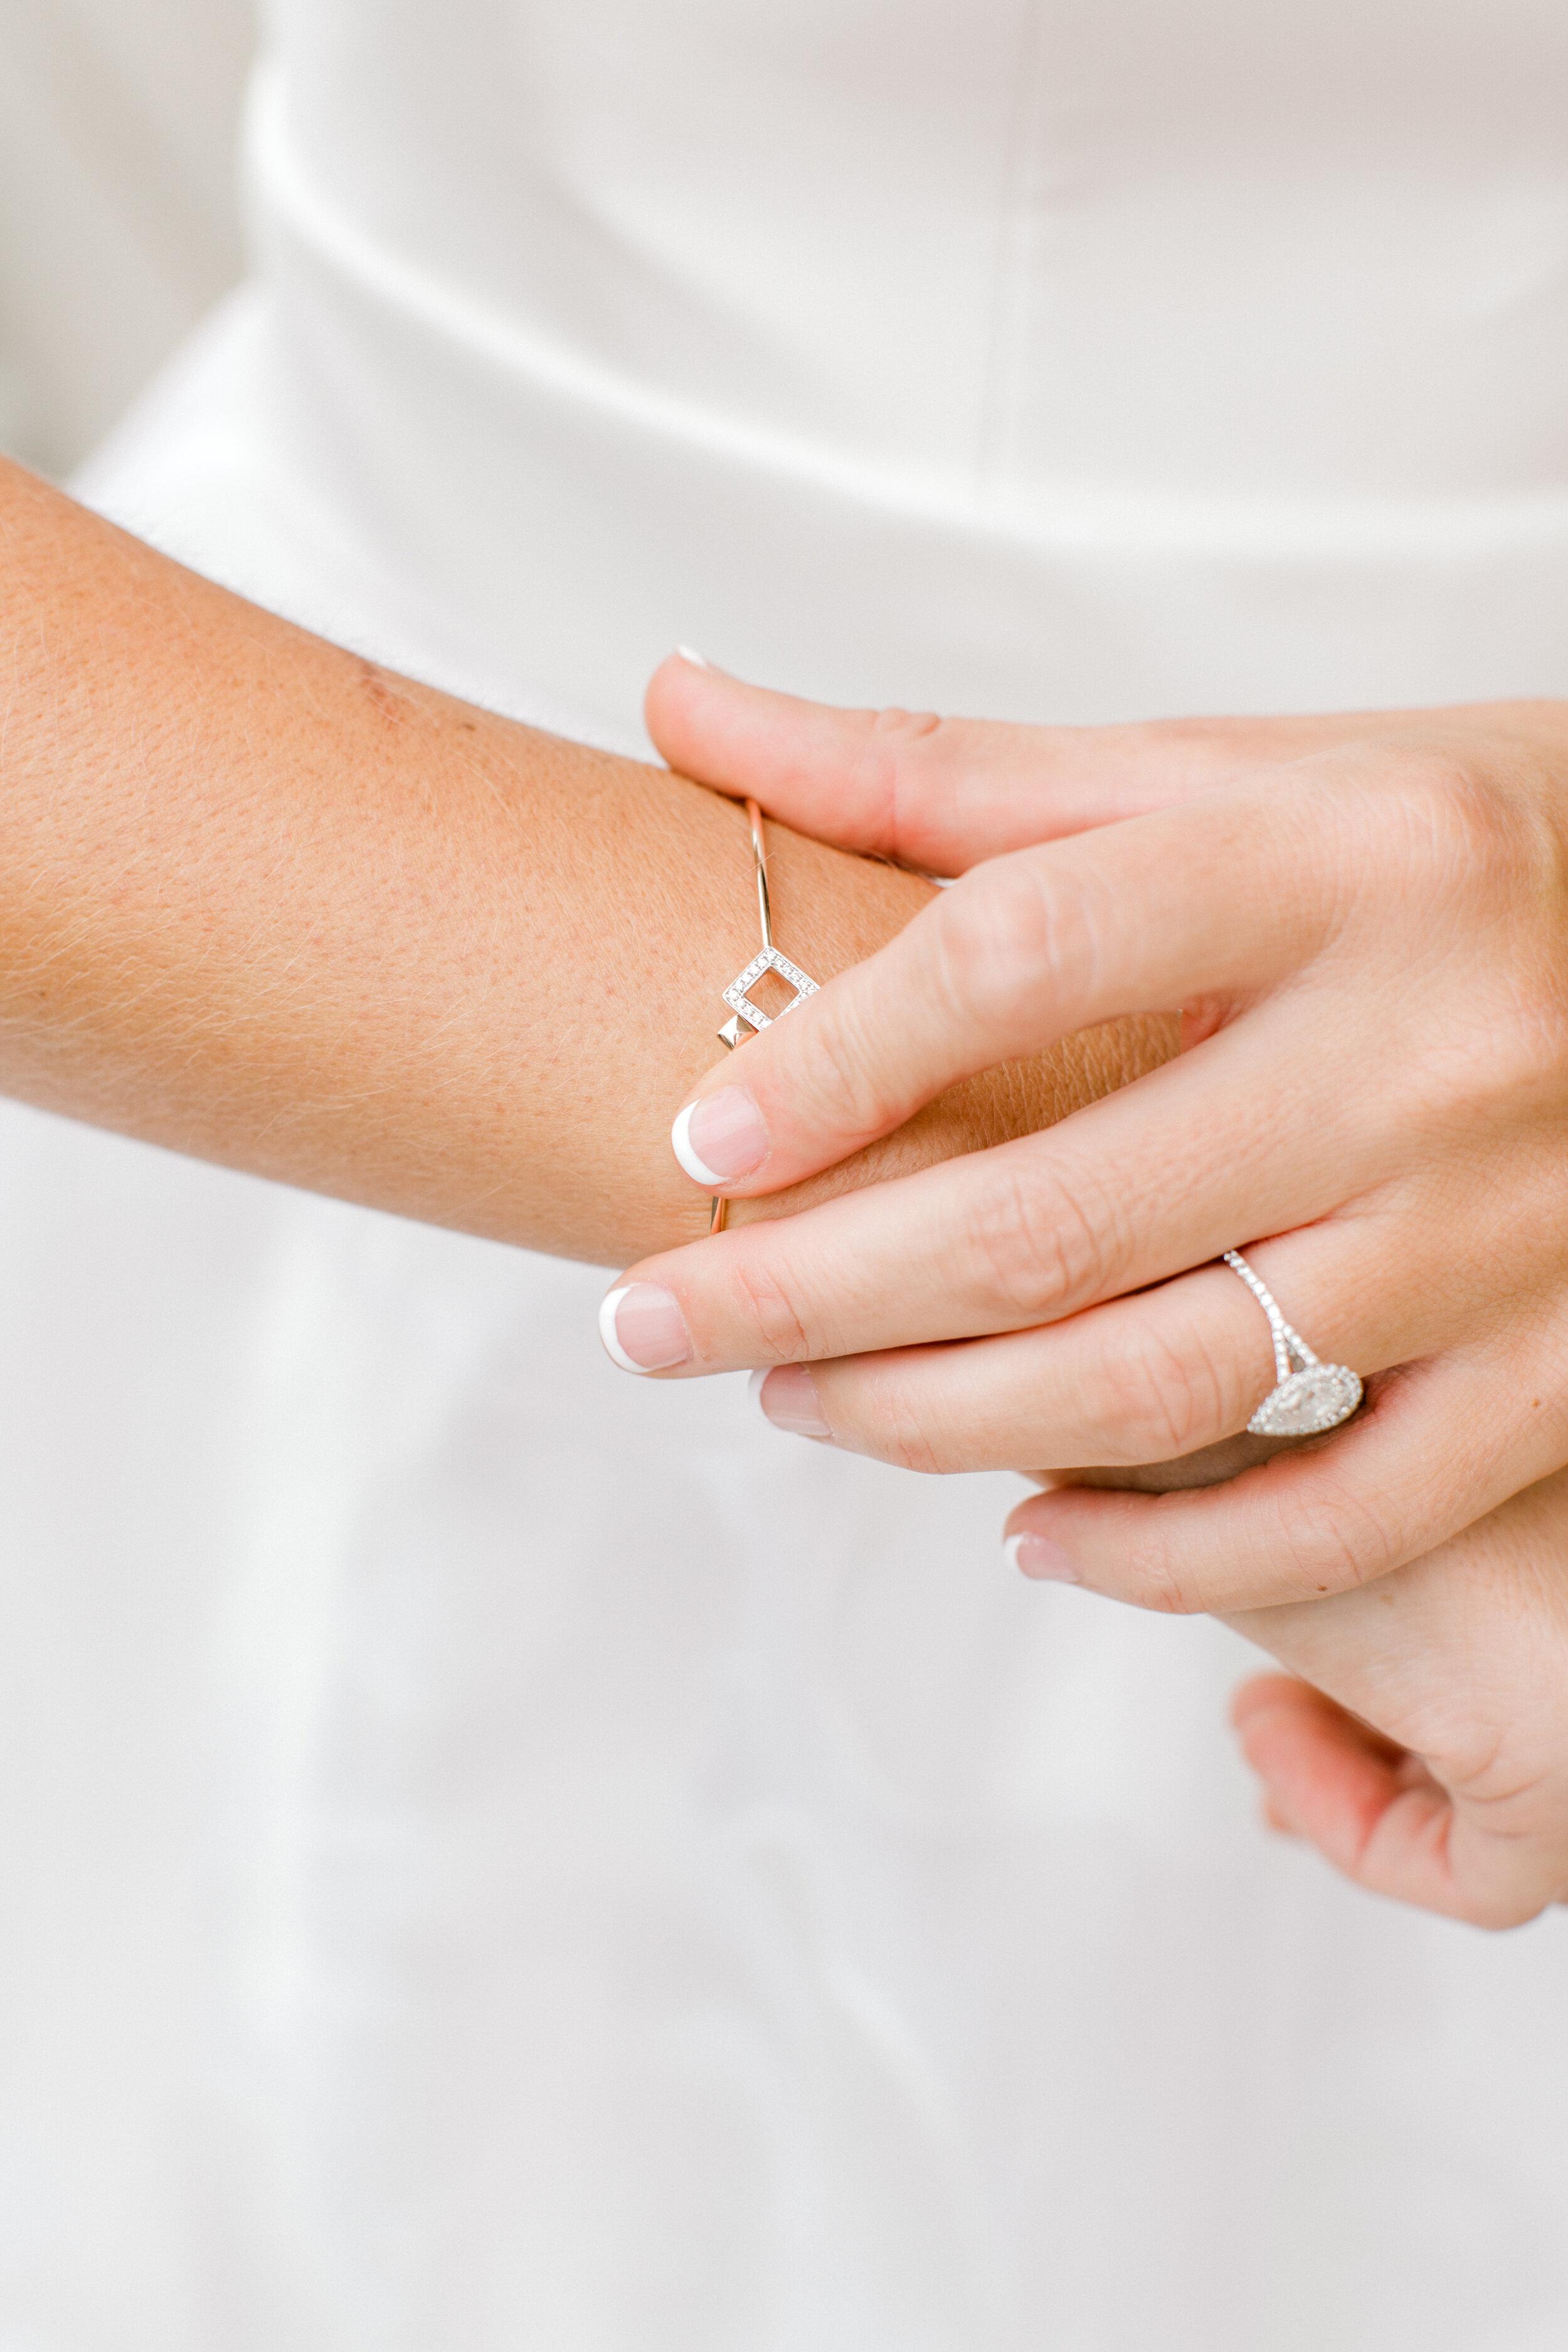 Kuiper+Wedding+Getting+Ready-211.jpg